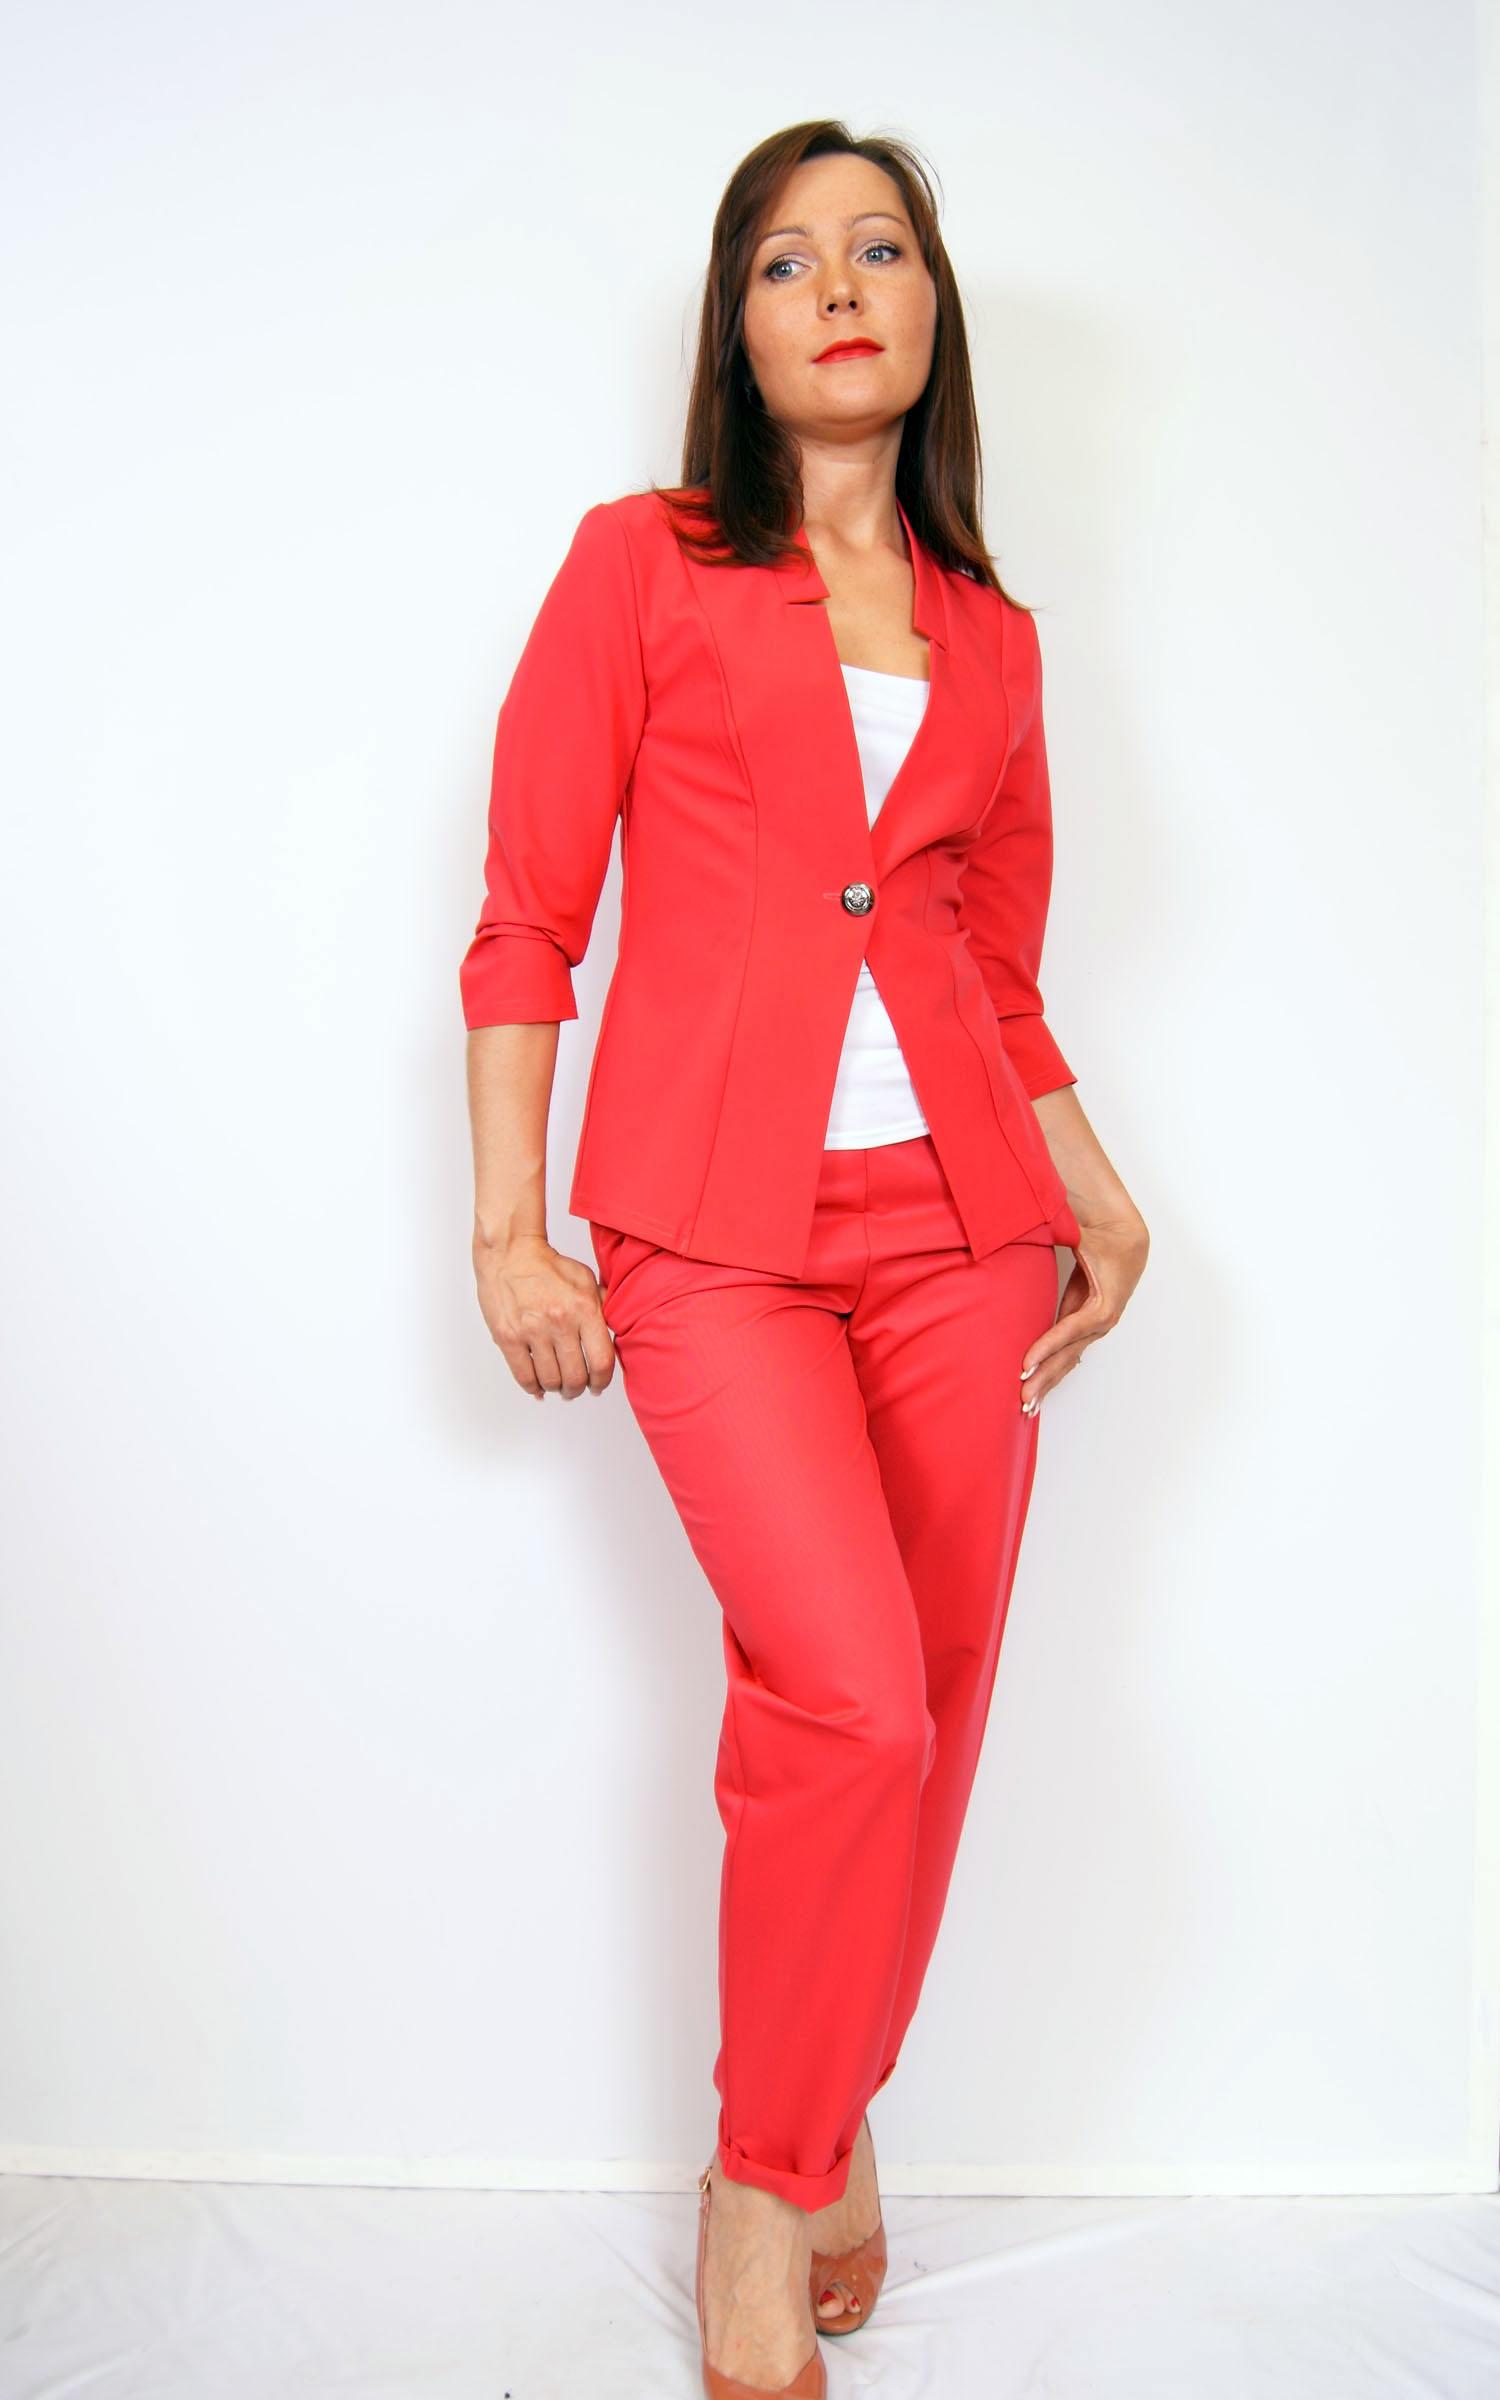 Сбор заказов.Распродажа модной женской одежды, .Размерный ряд от 42 до 60 размера. Выкуп 3